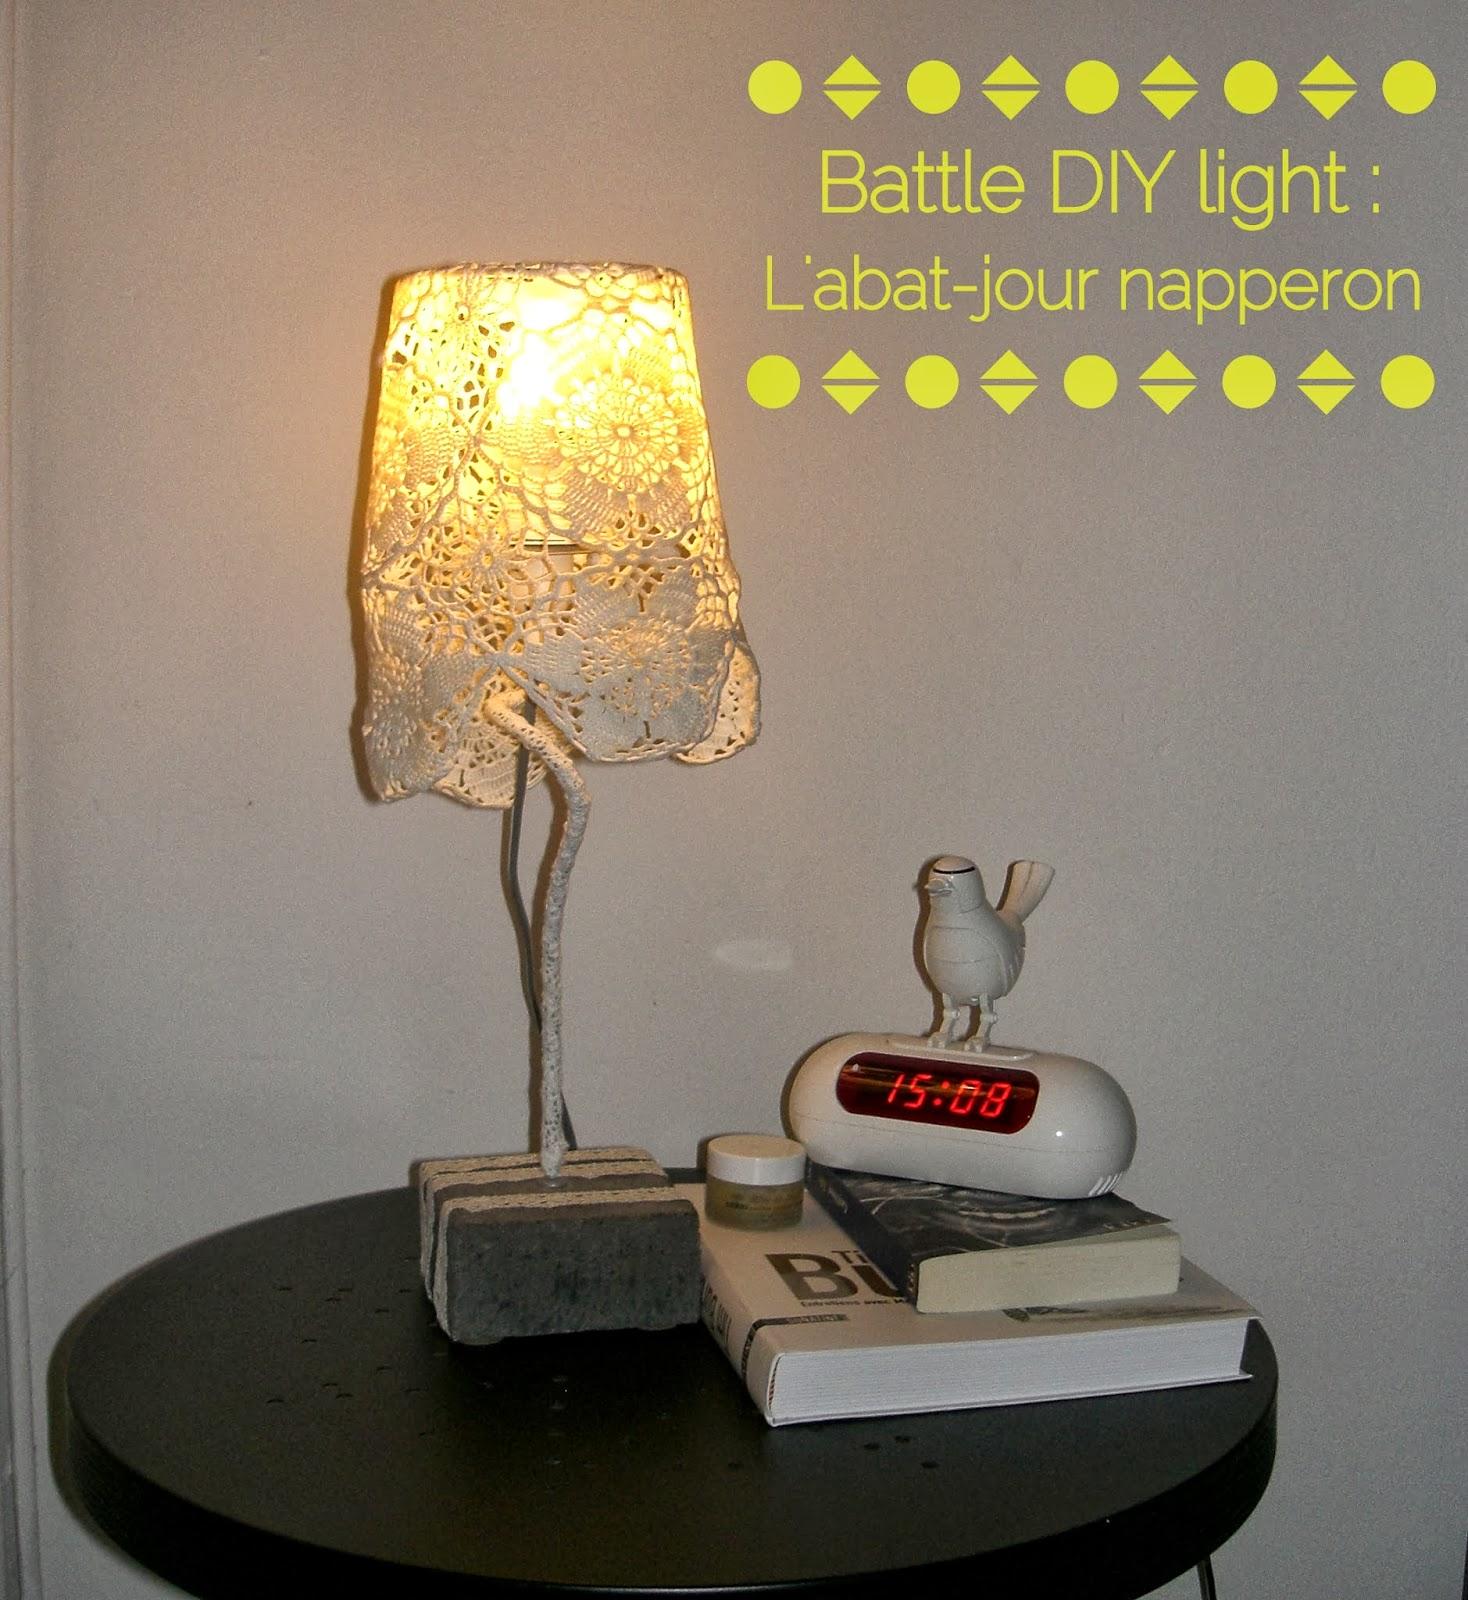 gabulle in wonderland battle diy light l 39 abat jour napperon. Black Bedroom Furniture Sets. Home Design Ideas